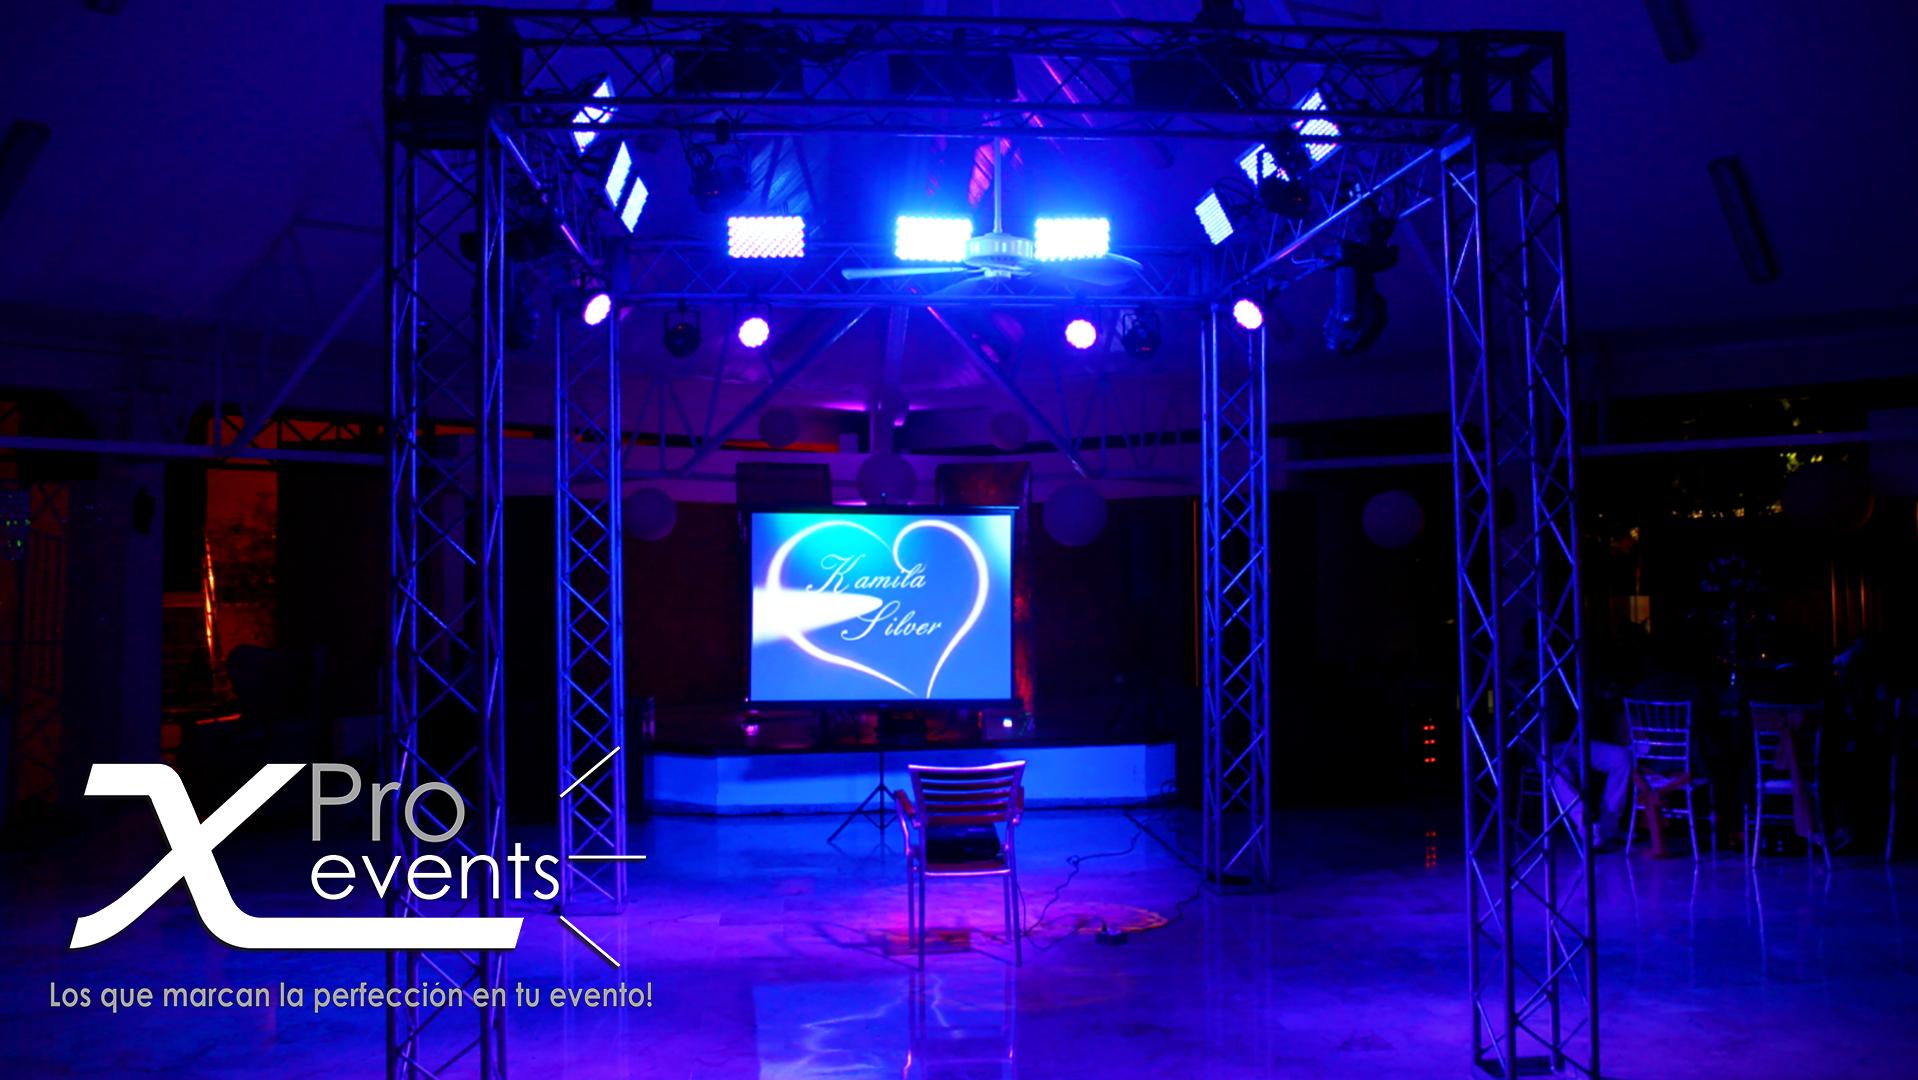 www.Xproevents.com - Cuadro Truss & luces moviles para pista de baile.png